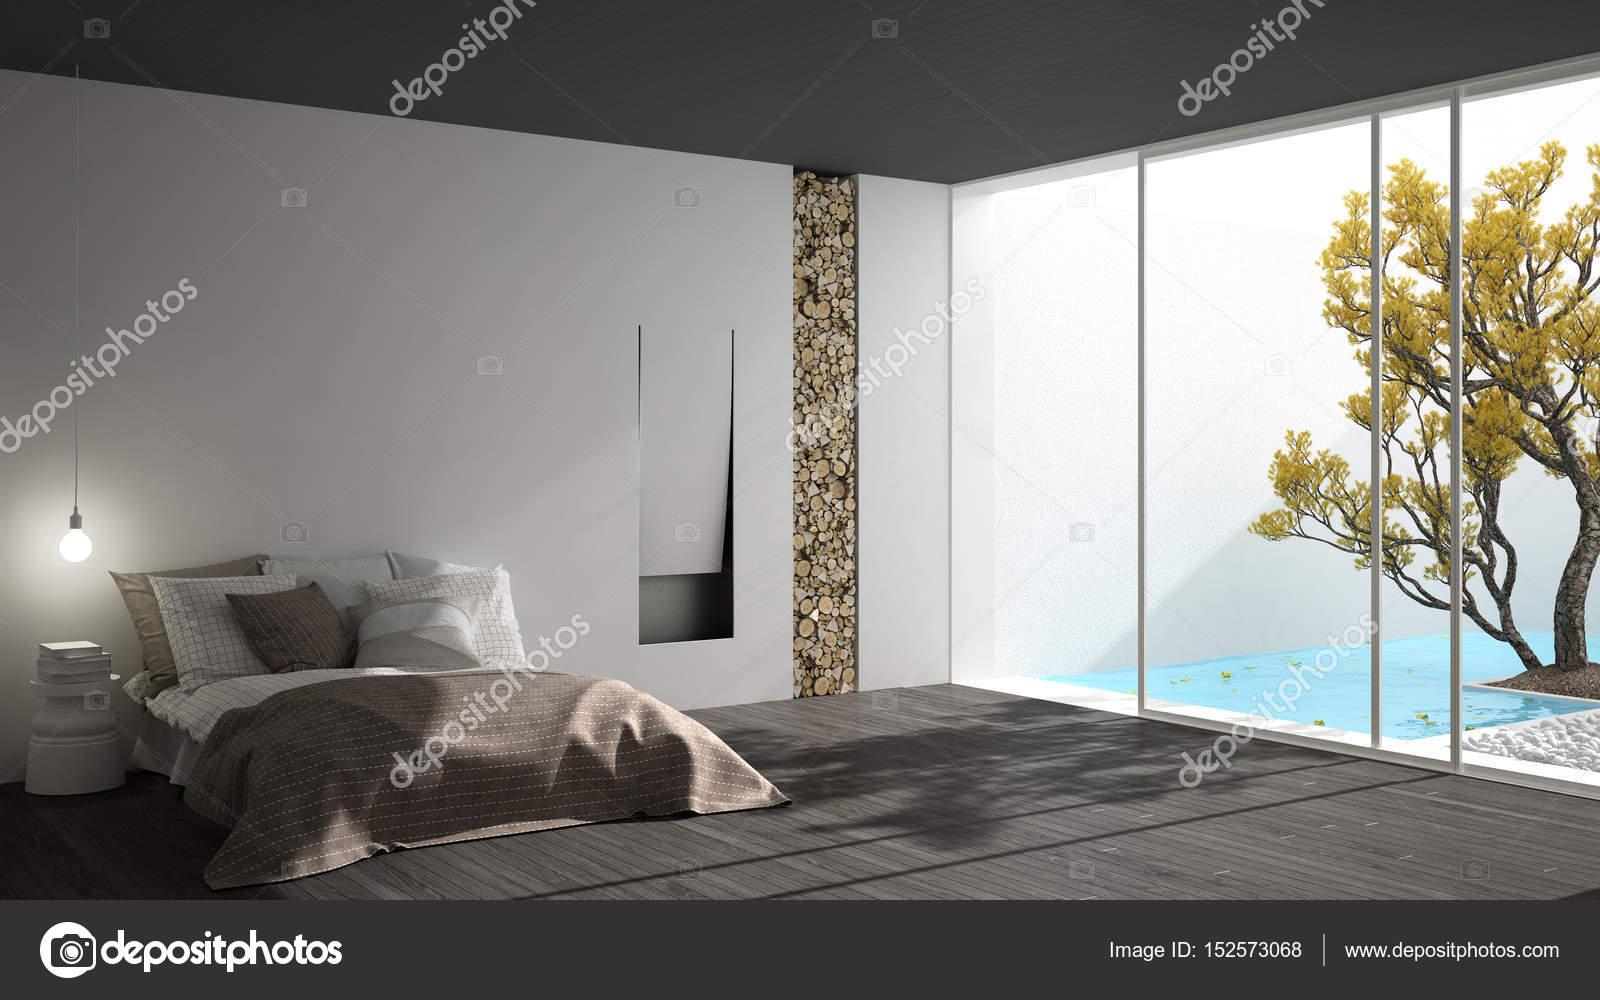 Raam slaapkamer affordable veel condens op ramen slaapkamer in